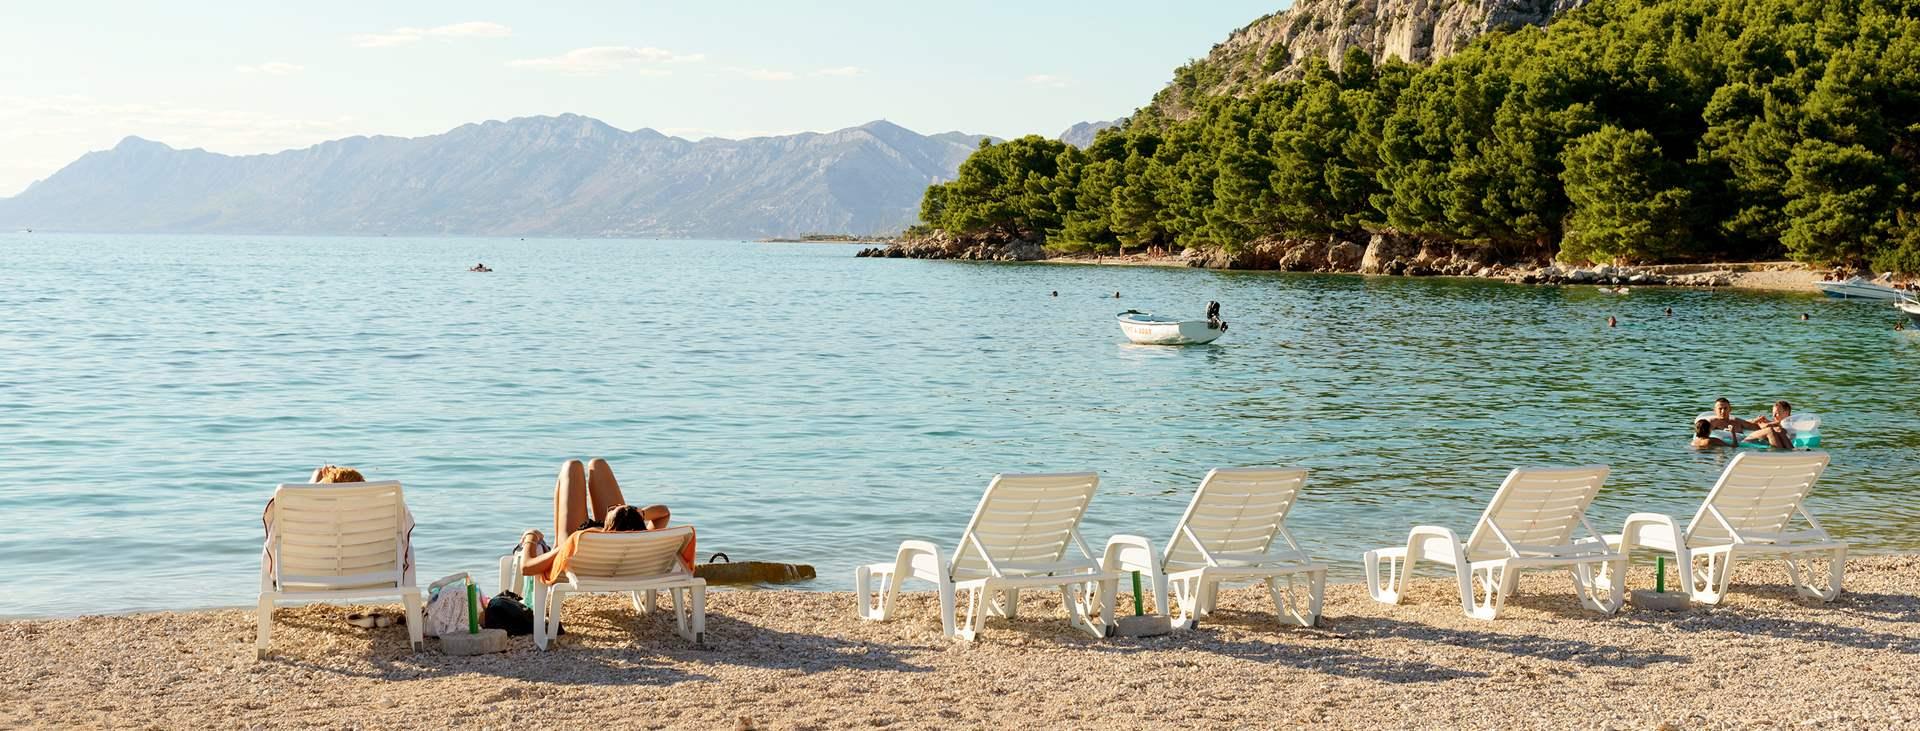 Varaa Tjäreborgin matka mielenkiintoiseen Makarskaan, Kroatiaan